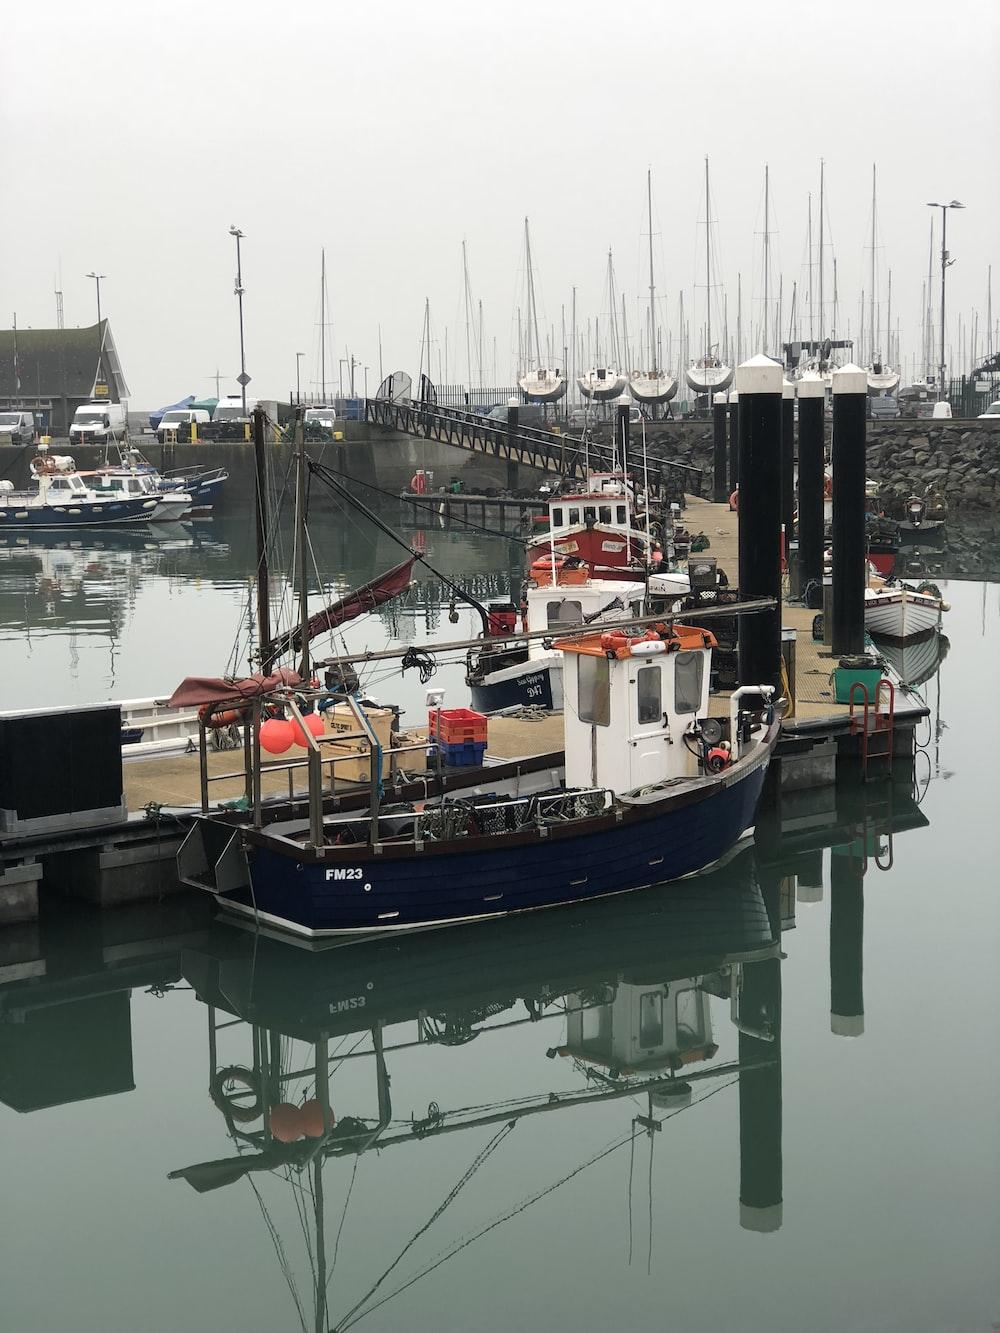 blue boat beside dock